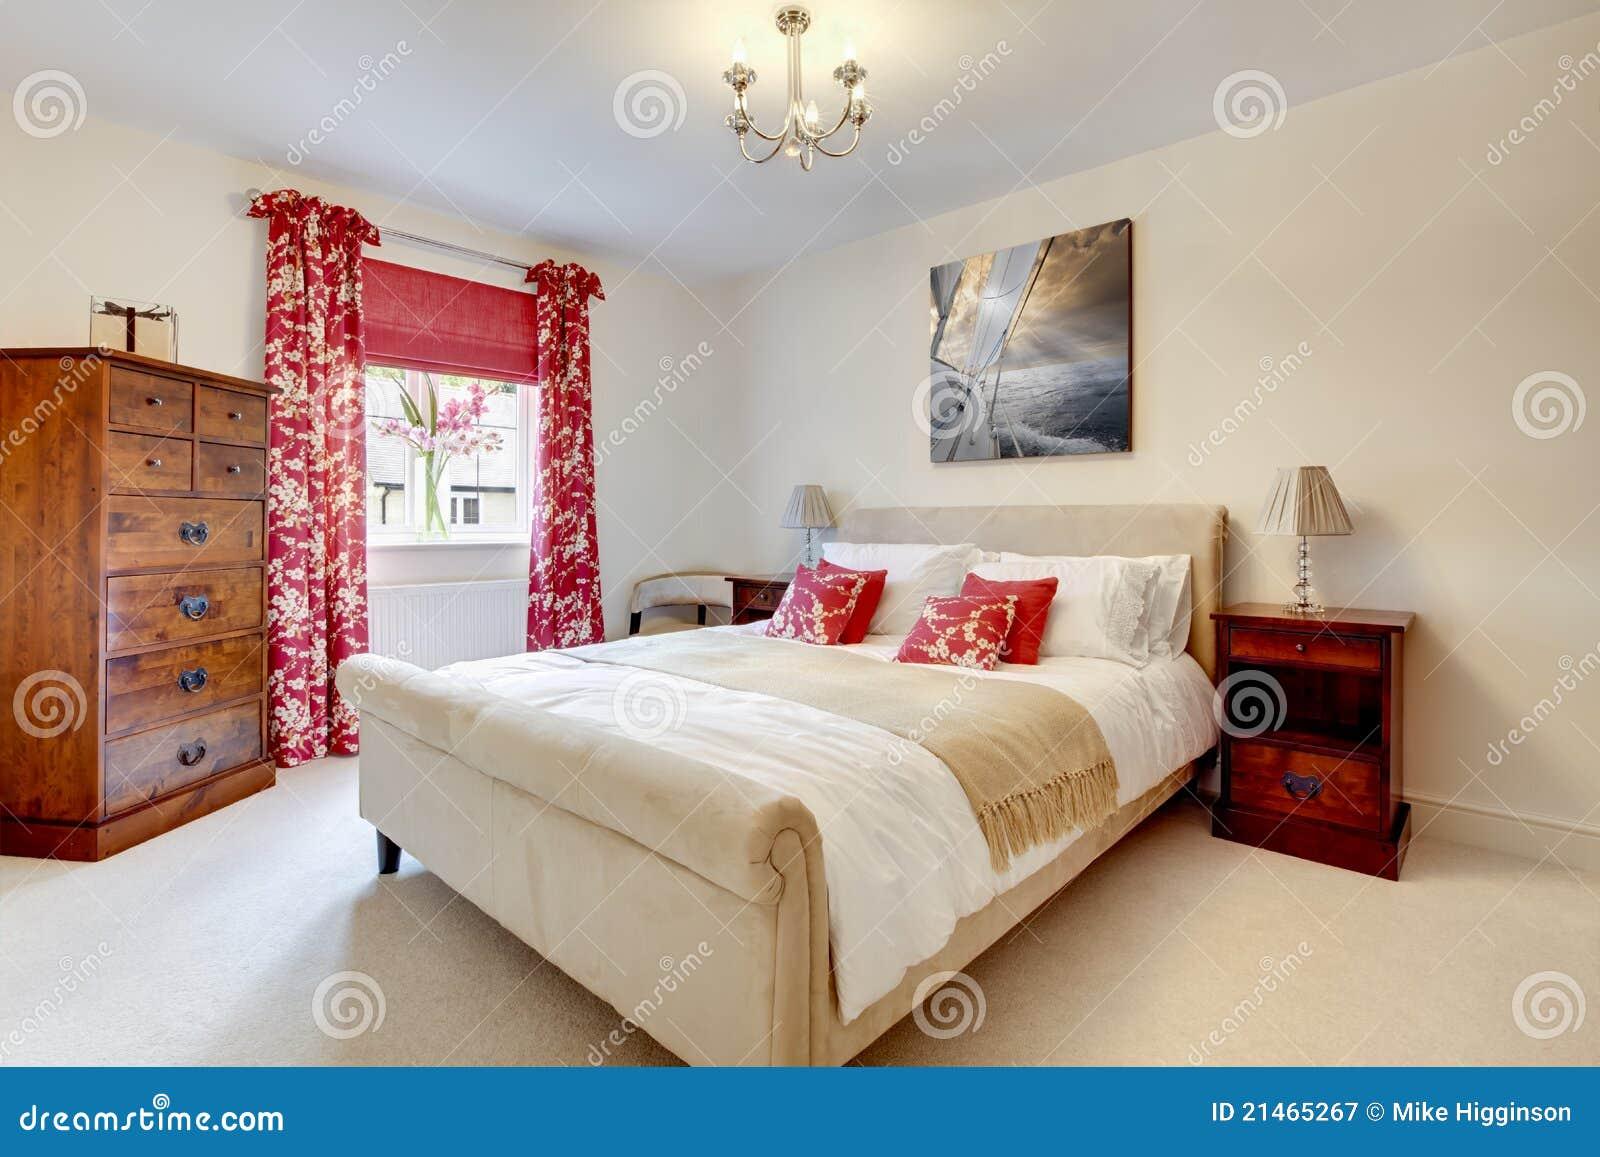 Mooie kamer kleuren free trendy ook zie je steeds vaker dat niet